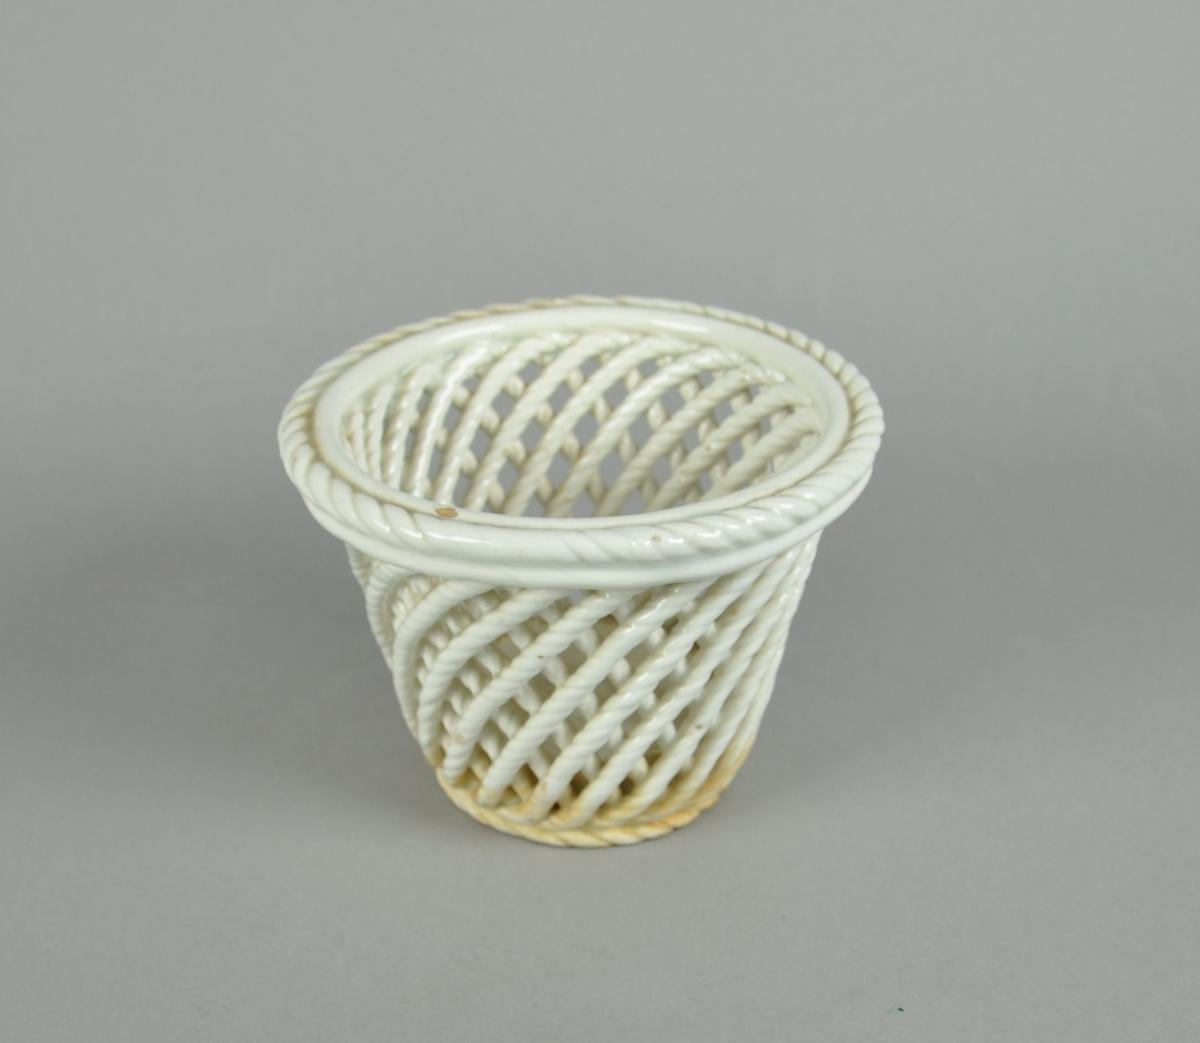 Hvit blomsterurne av glassert keramikk. Urnen har gjennombrutt, flettet form.